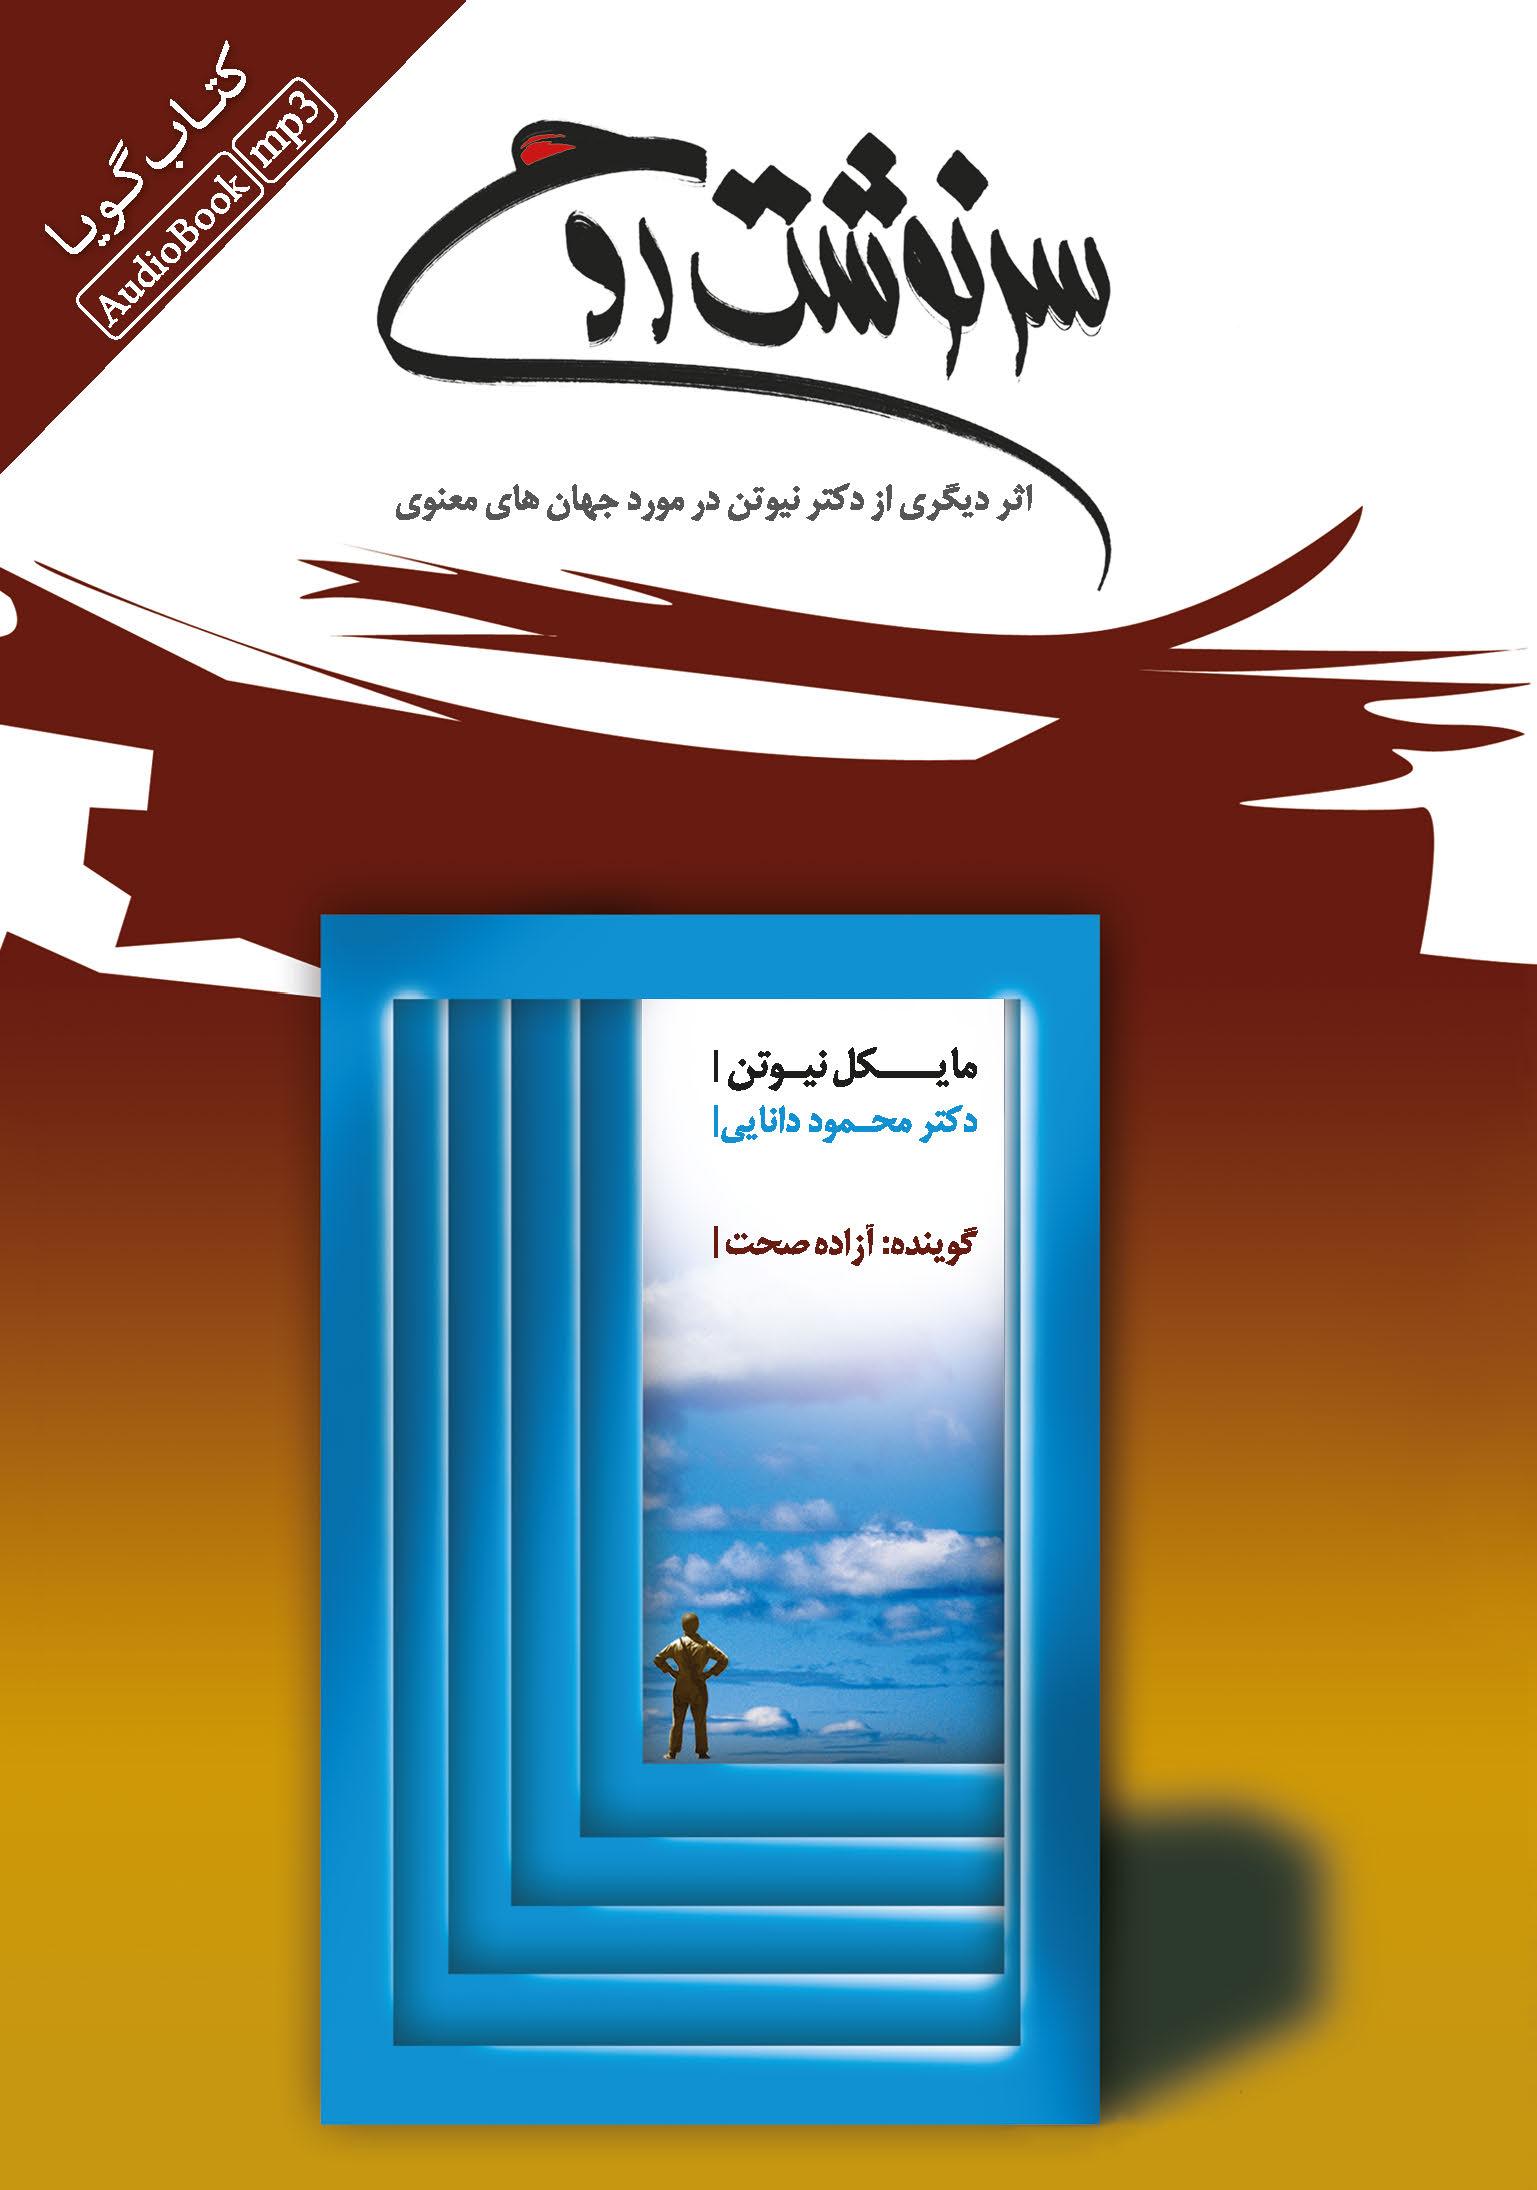 کتاب صوتی سرنوشت روح